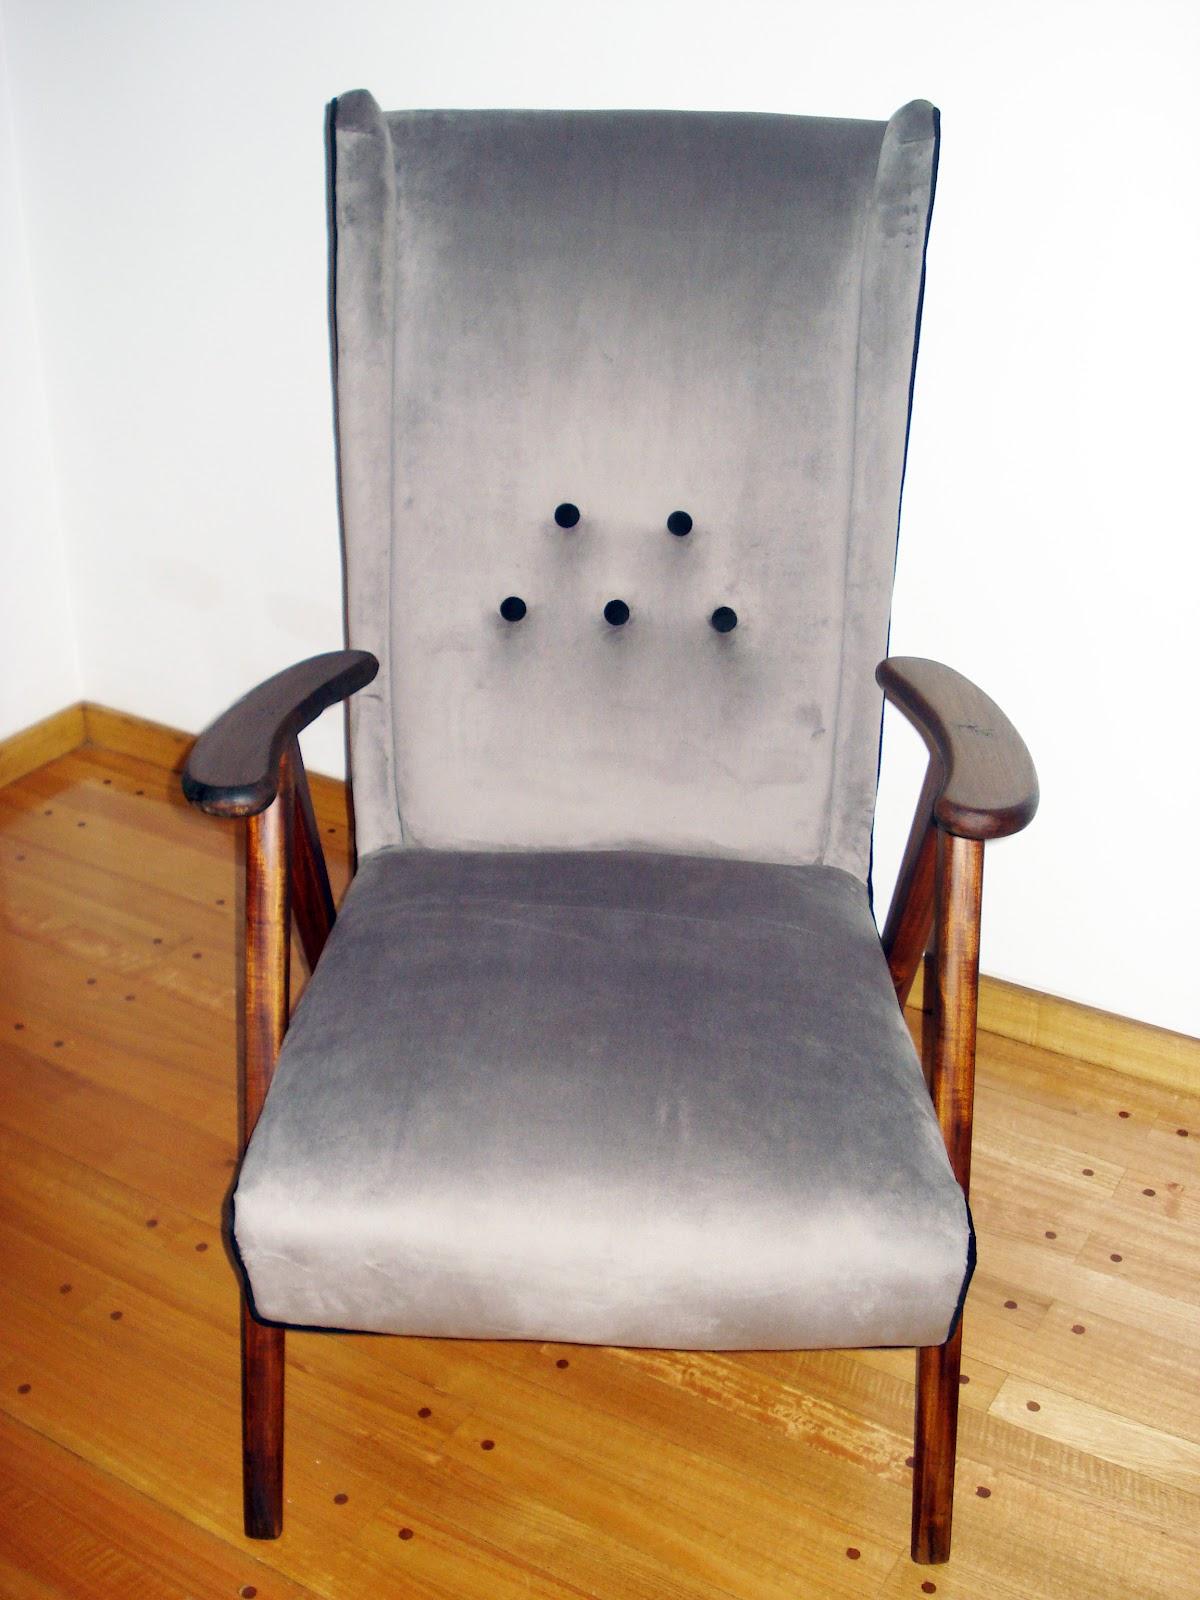 Chochiloca reciclado de muebles sillon americano - Reciclado de muebles ...